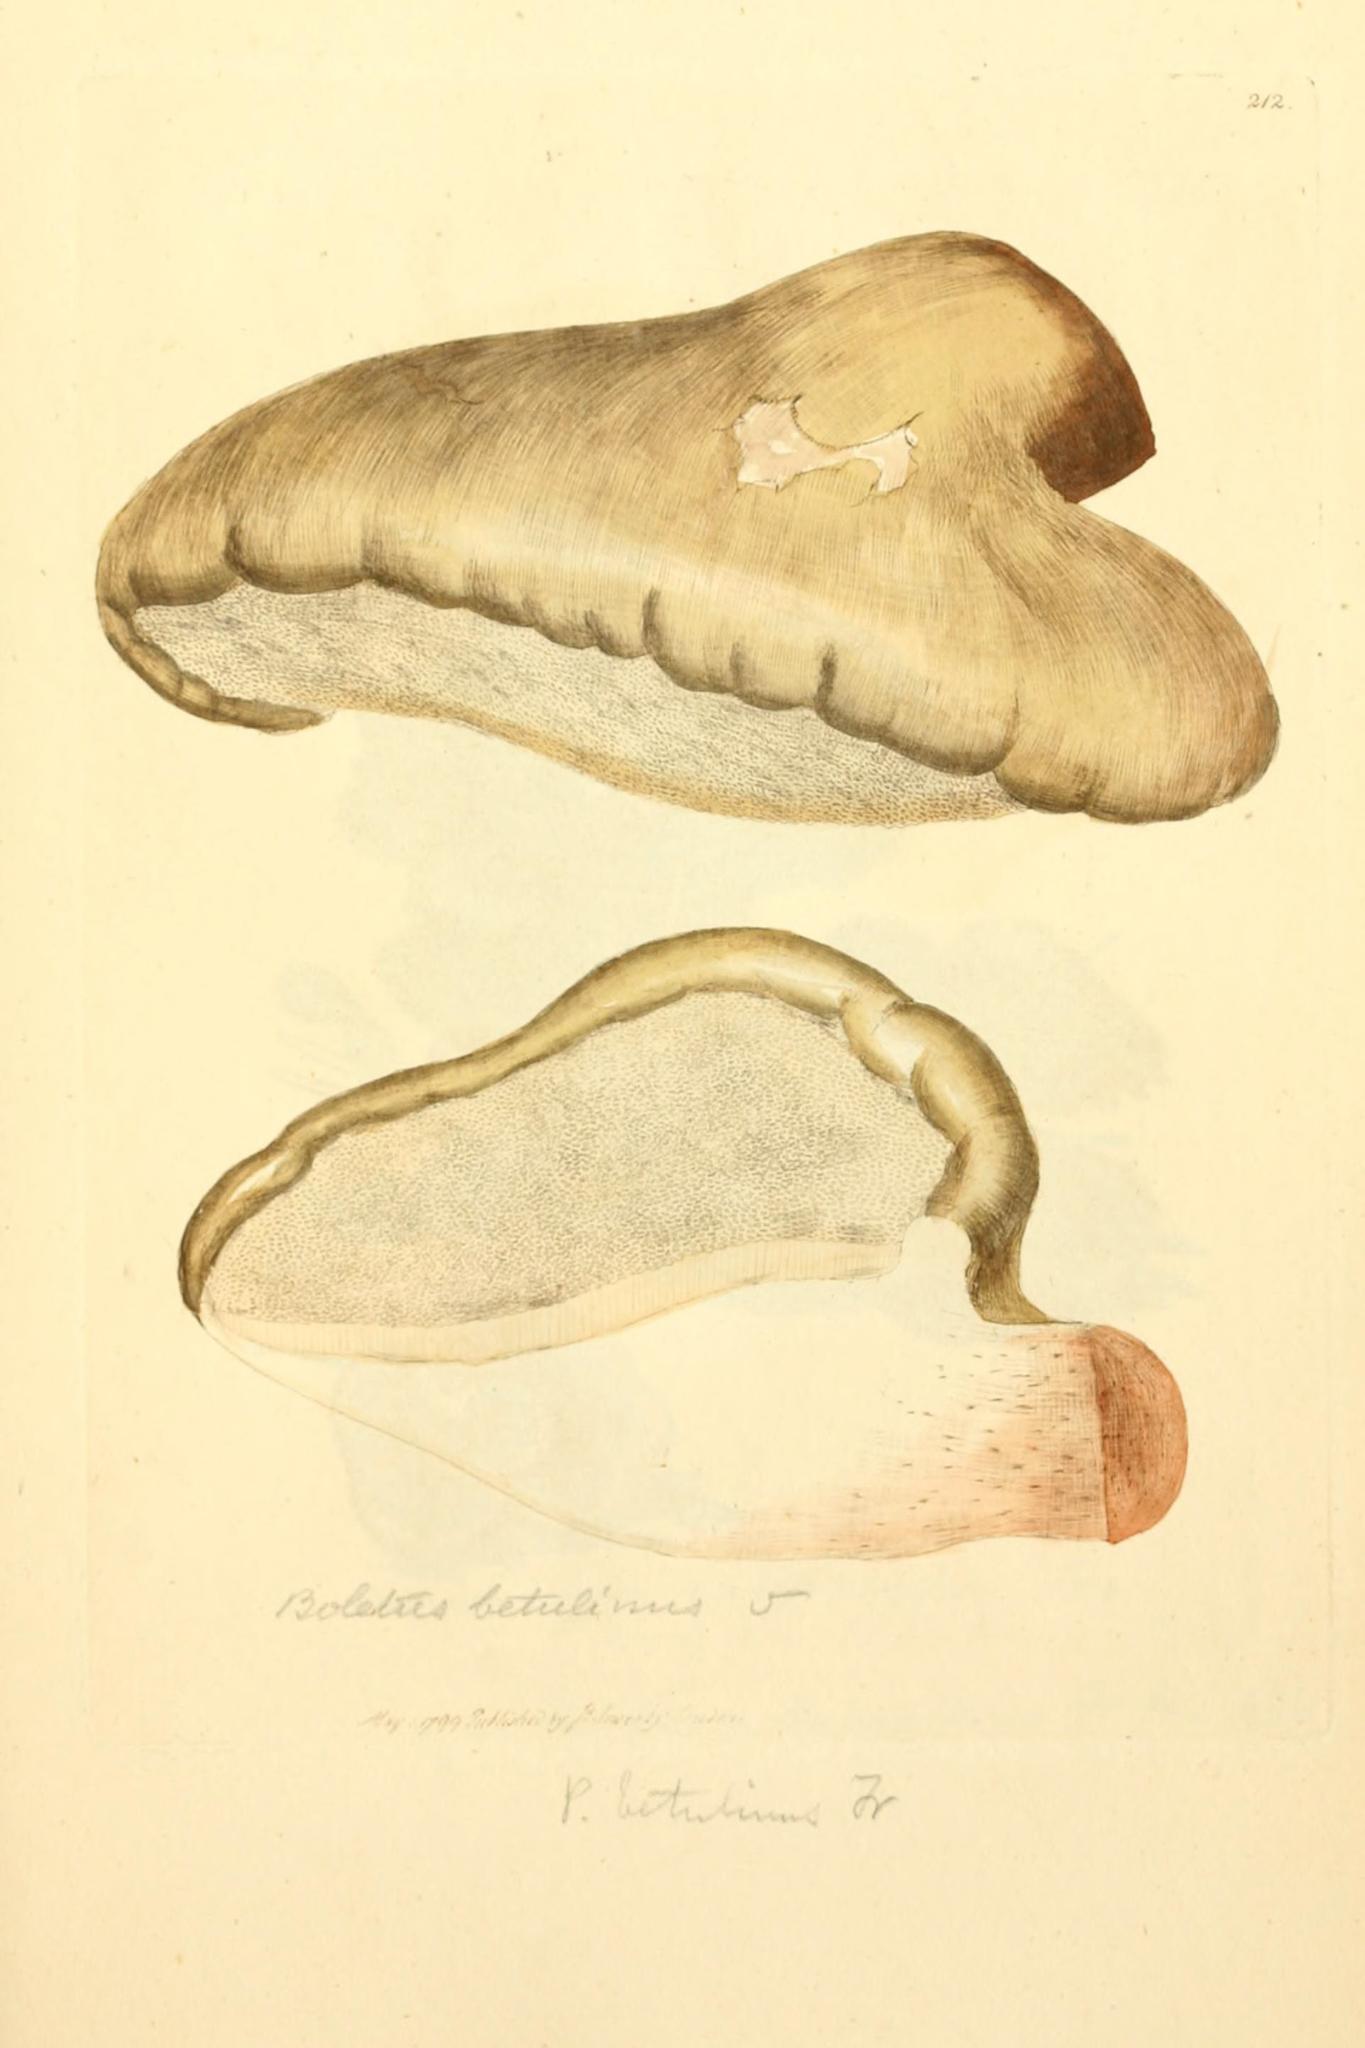 Piptoporous betulinus - The Hall of Einar